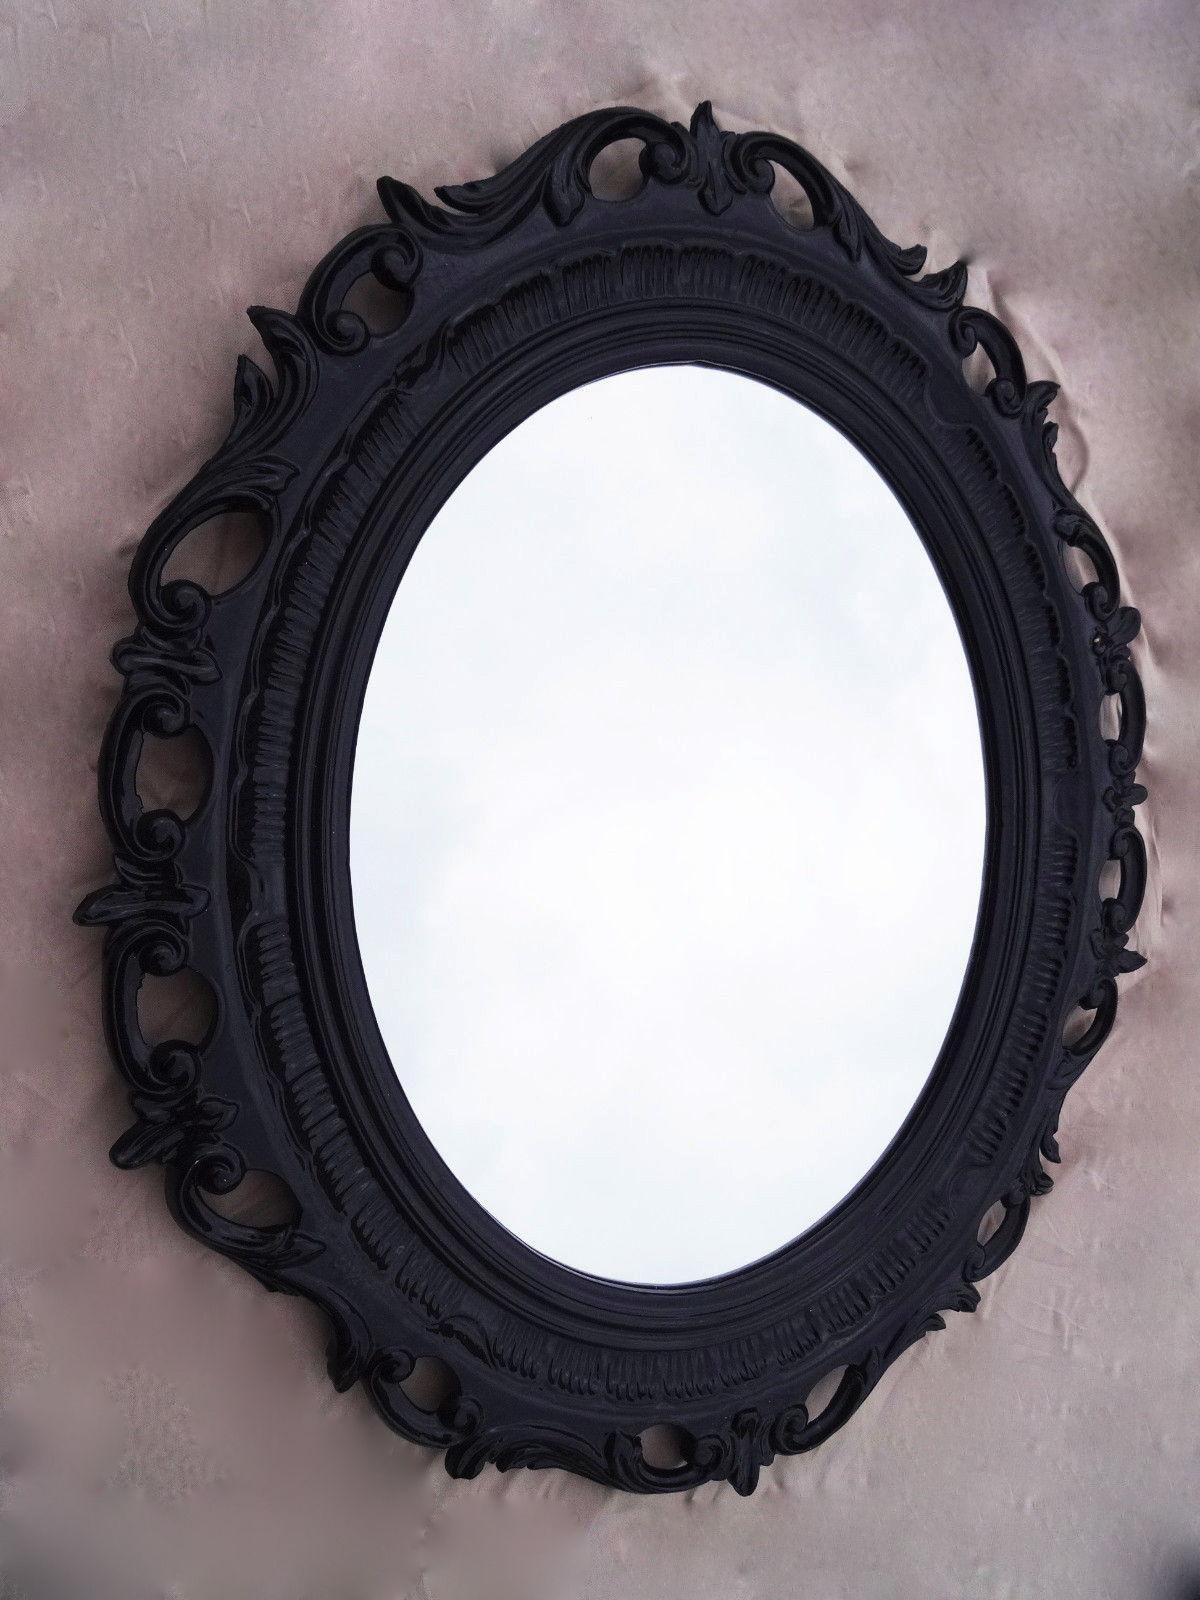 Berühmt Heimwerkerglas Bilderrahmen Fotos - Rahmen Ideen ...